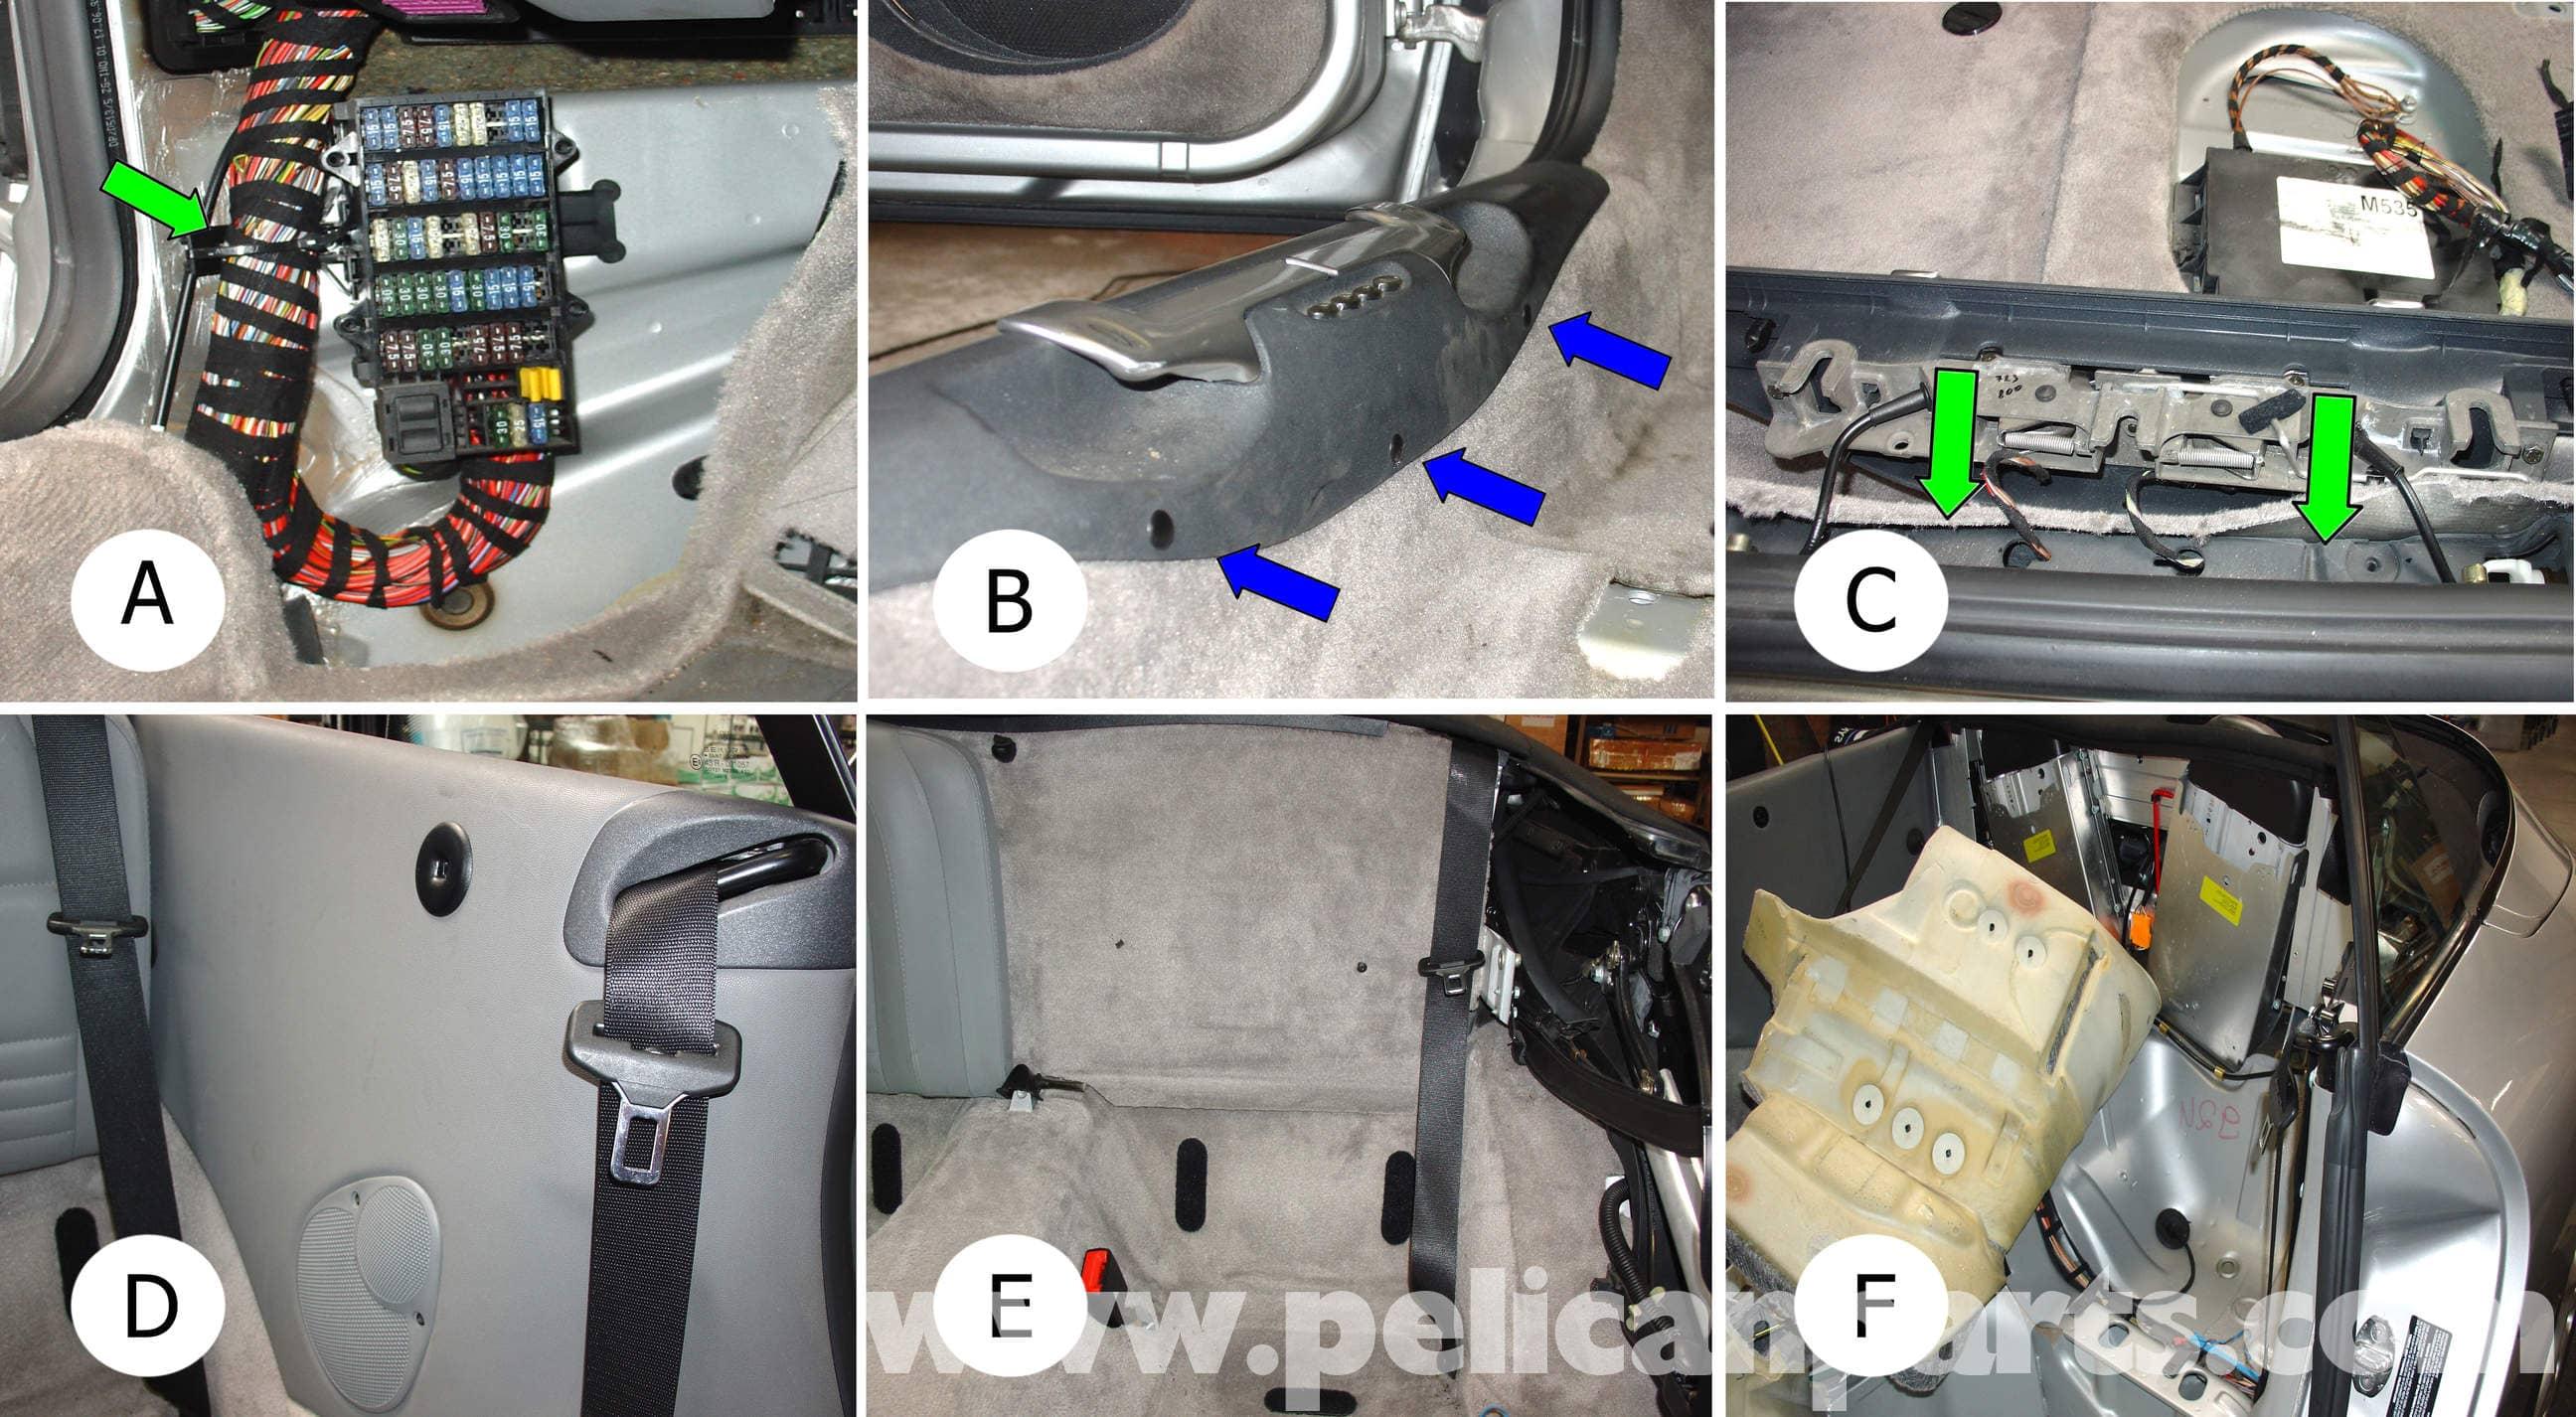 fuse box in porsche boxster    porsche    911 carrera cruise control installation 996     porsche    911 carrera cruise control installation 996